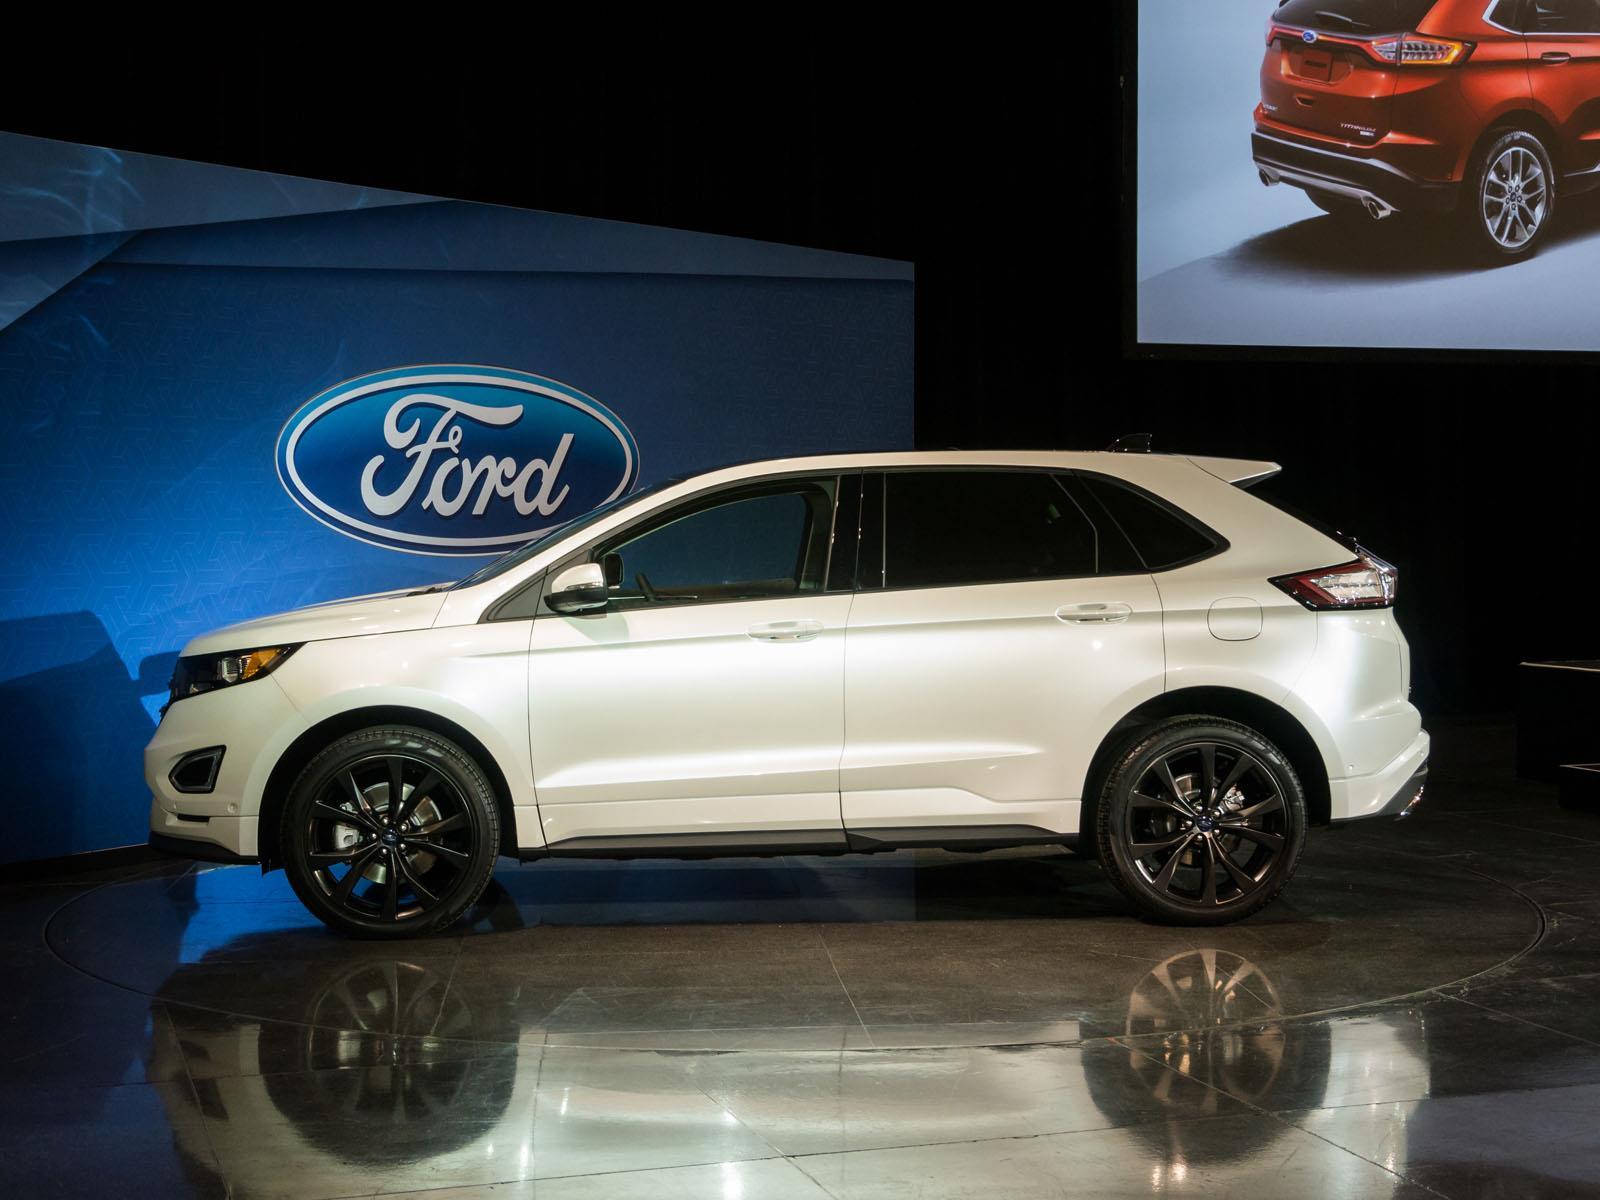 Automoviles Ford Modelo 2015 En Colombia Precios.html   Autos Post